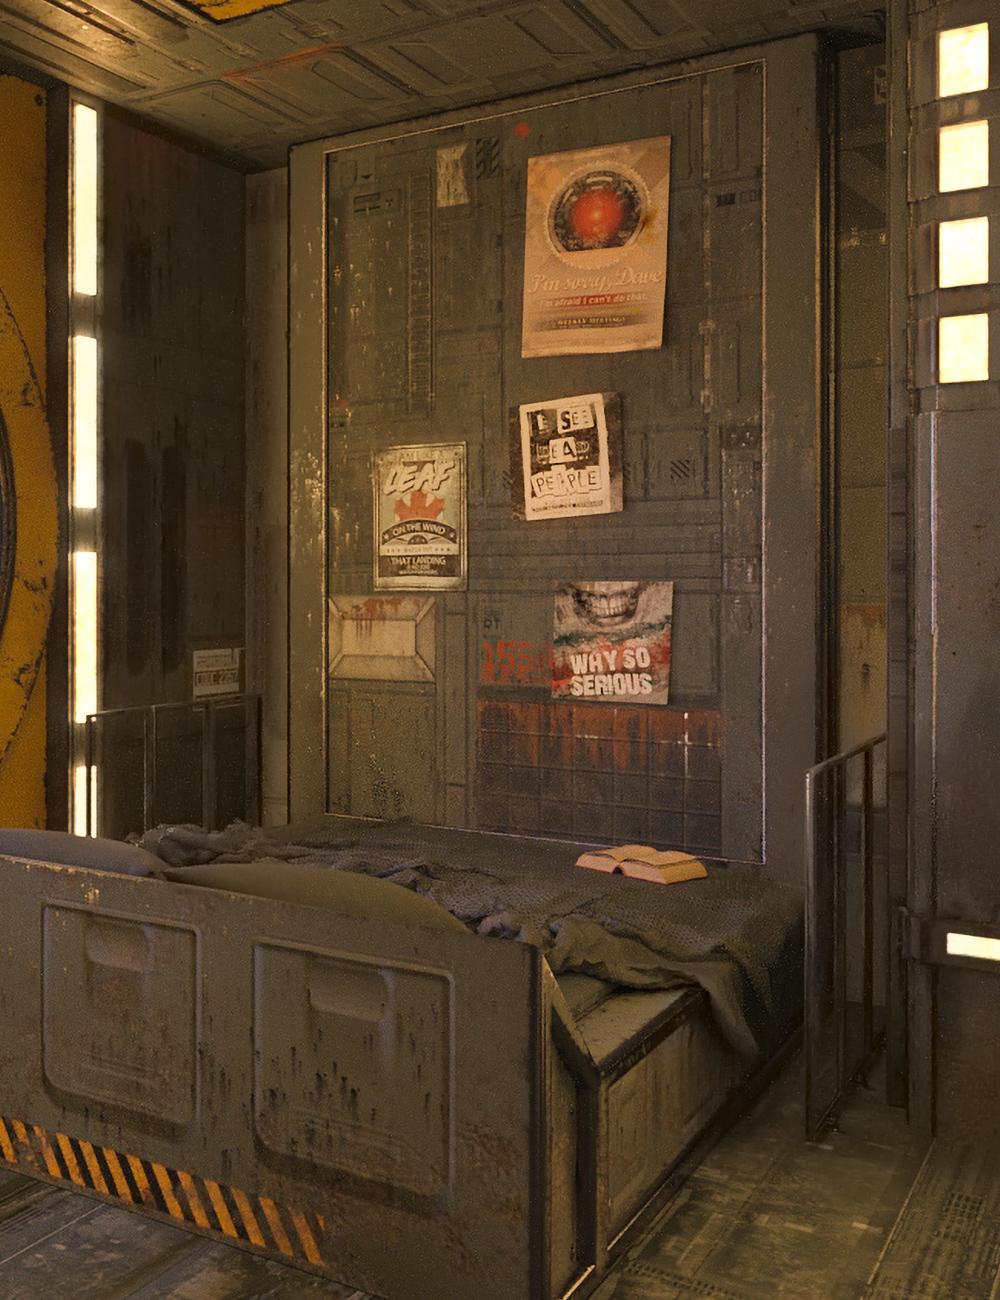 SciFi Living Bedroom by: Blackbeard Media, 3D Models by Daz 3D